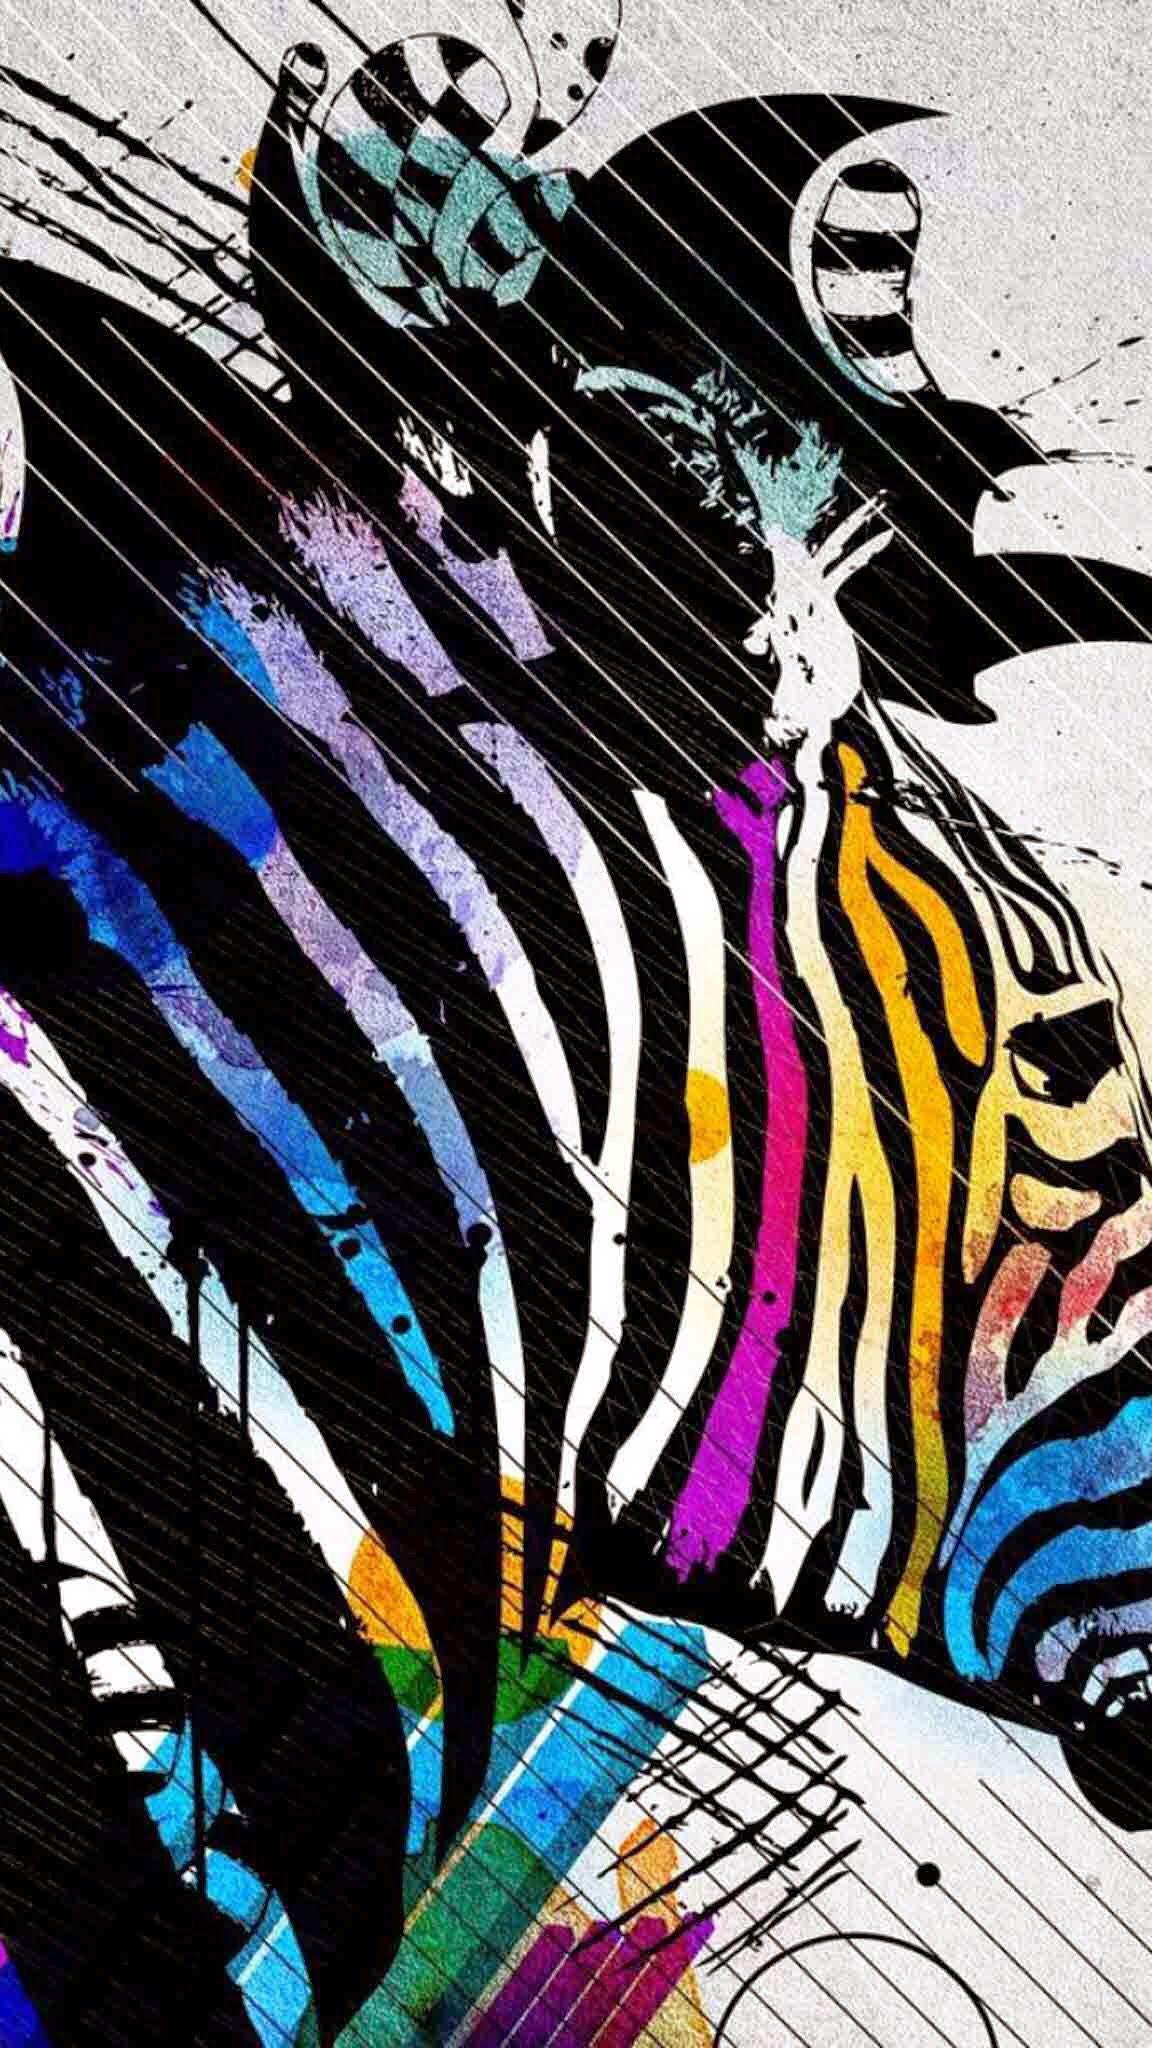 Zebra vibrant color art | Zebras | Pinterest